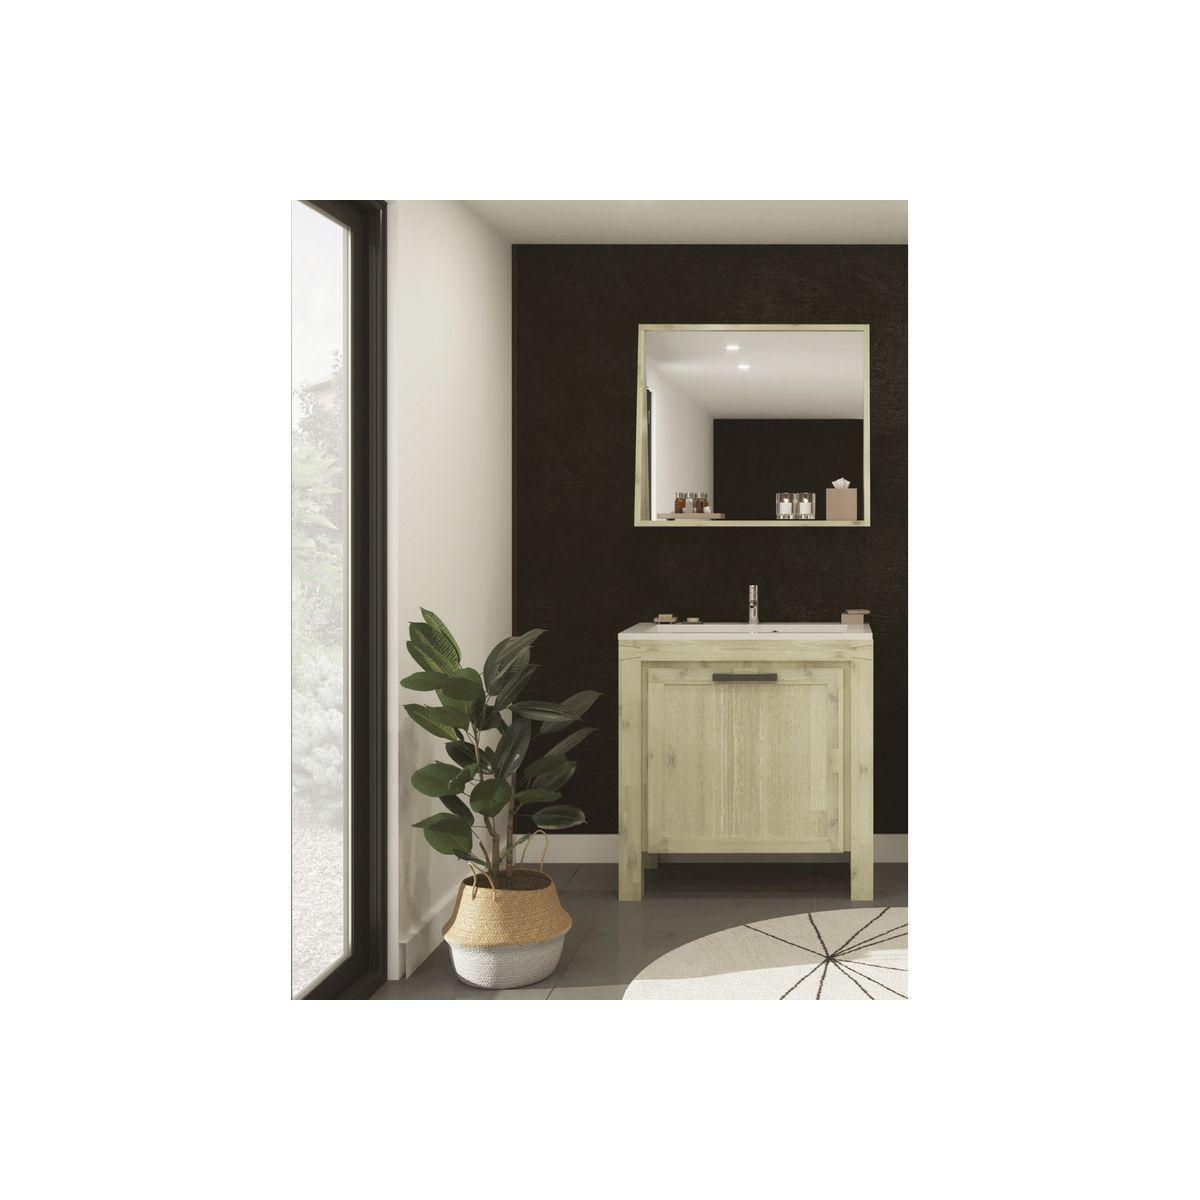 Tablette Salle De Bain 80 Cm meuble de salle de bain bois massif 80 cm - ensemble markle